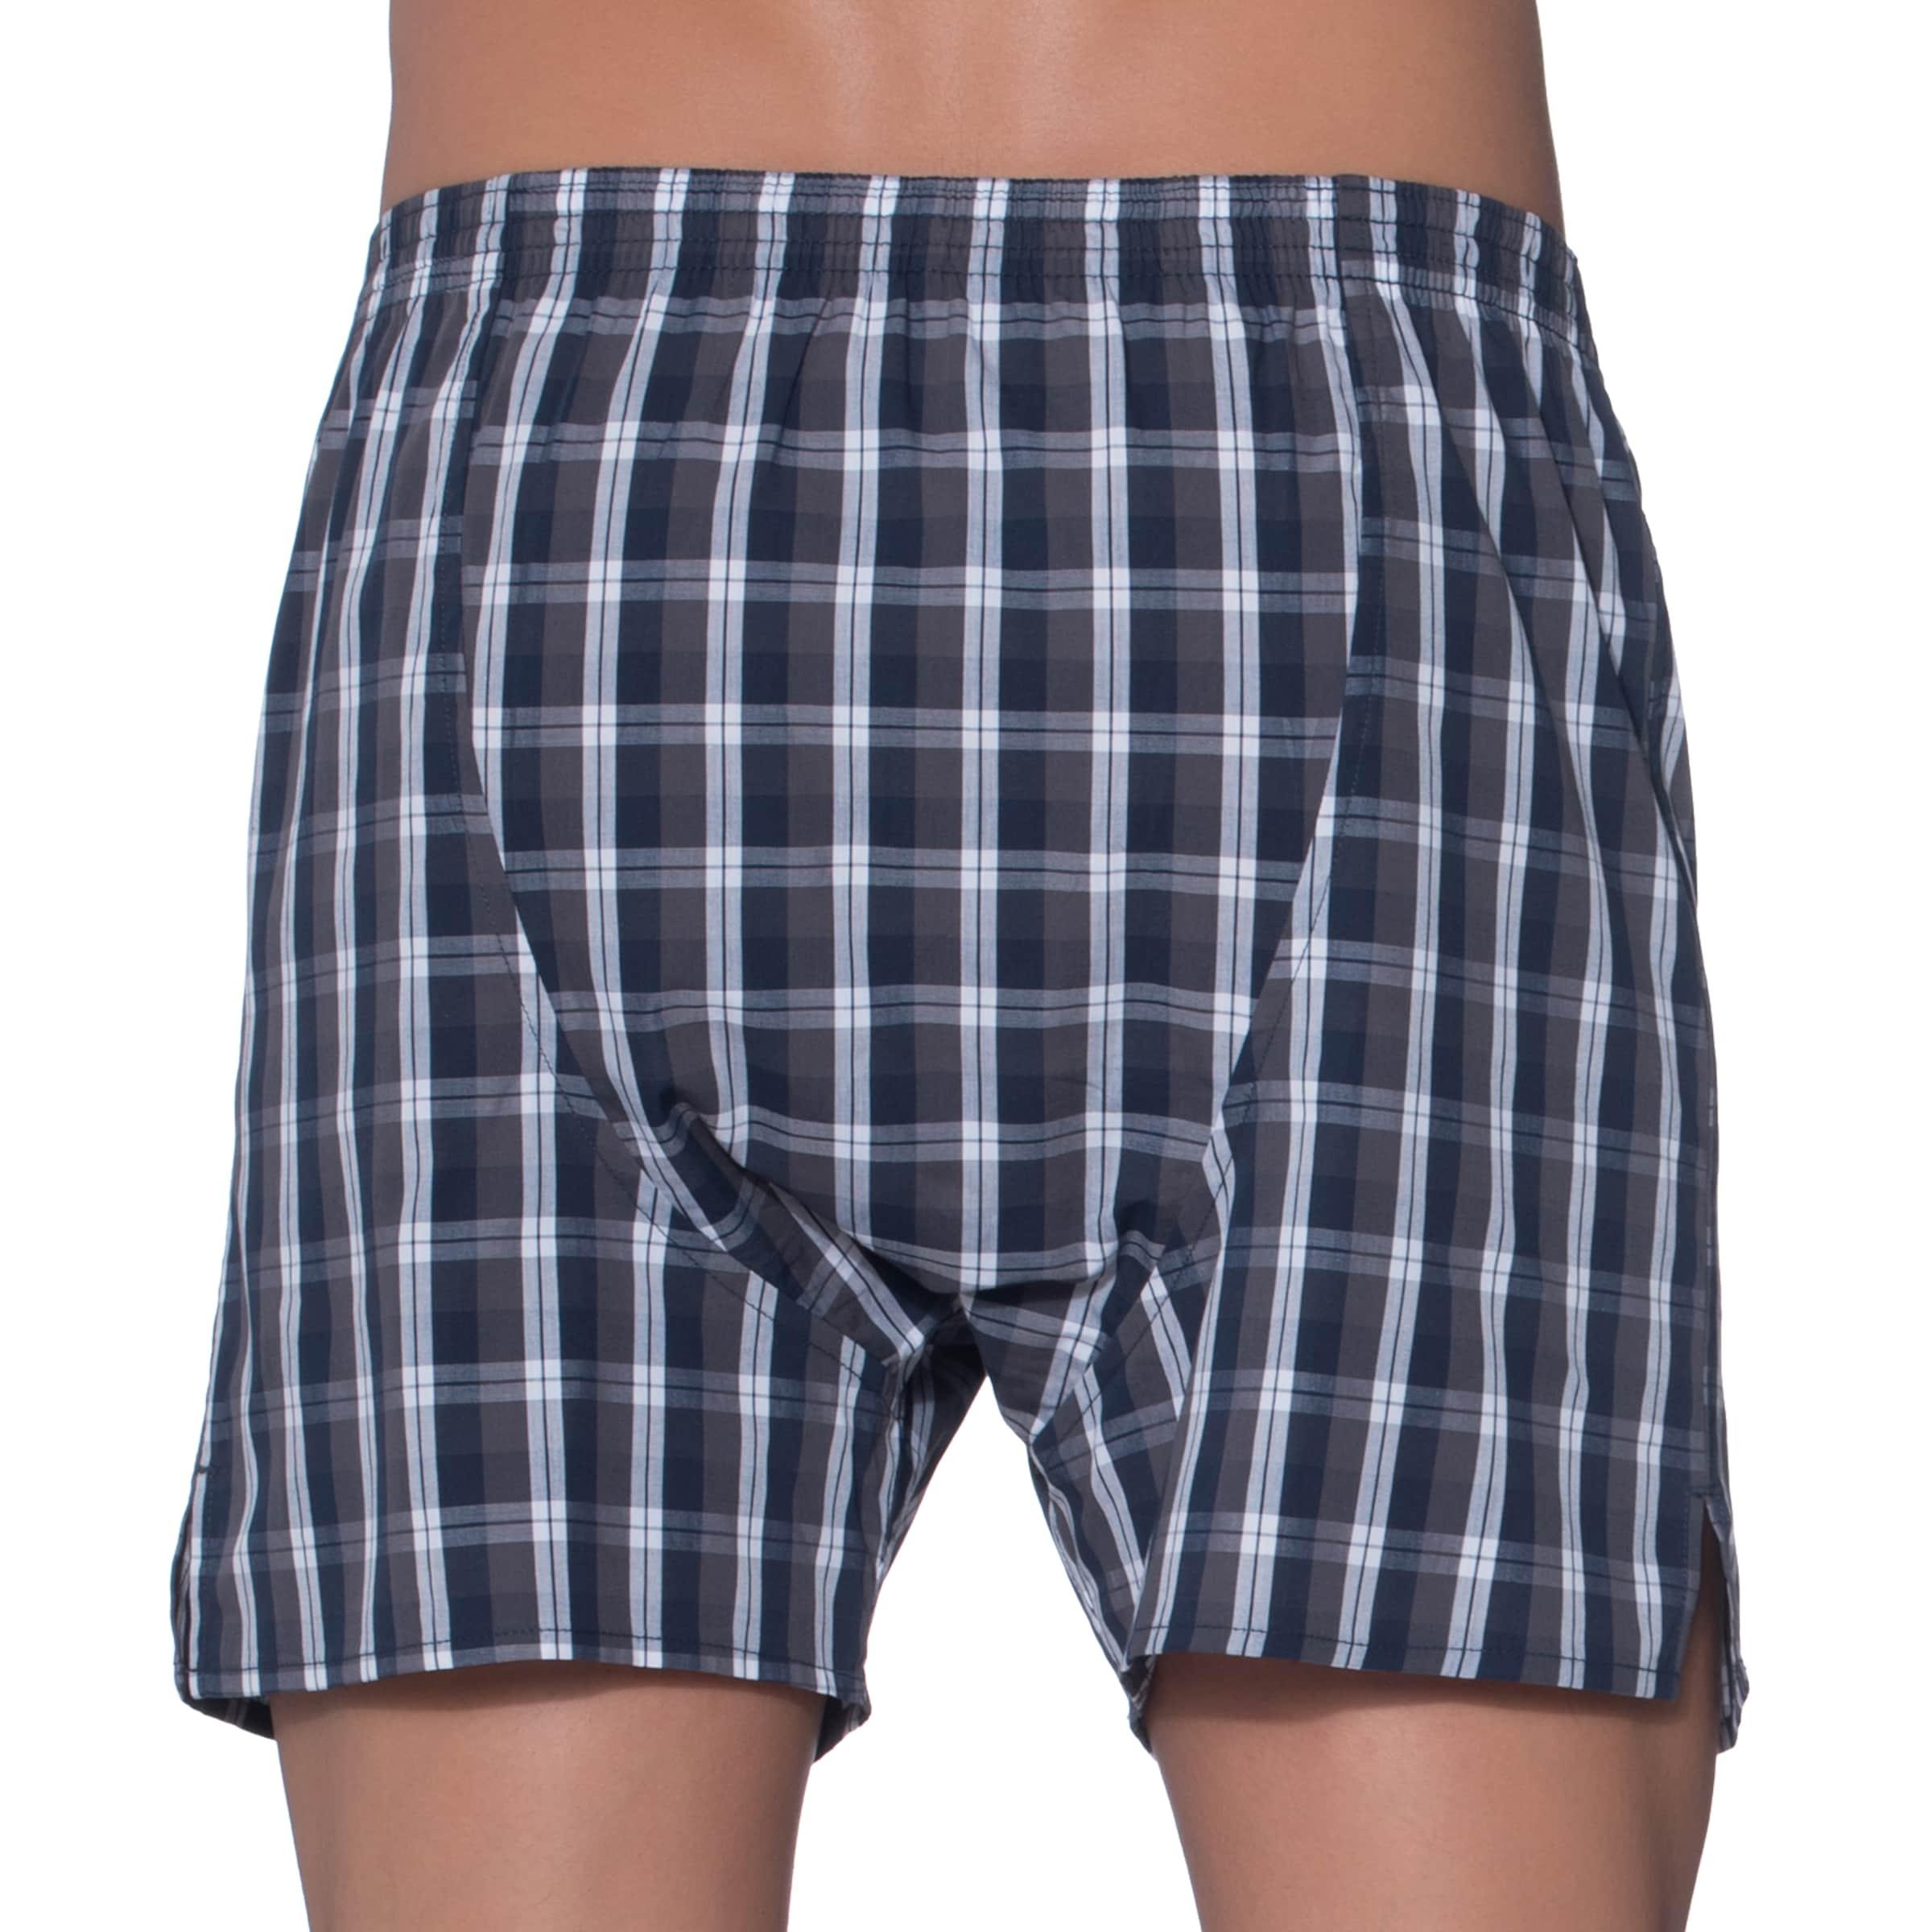 Rabatt 2018 D.E.A.L International Shorts 'Check' Unter Online-Verkauf Nagelneu Unisex Sammlungen Online 23F8Ak